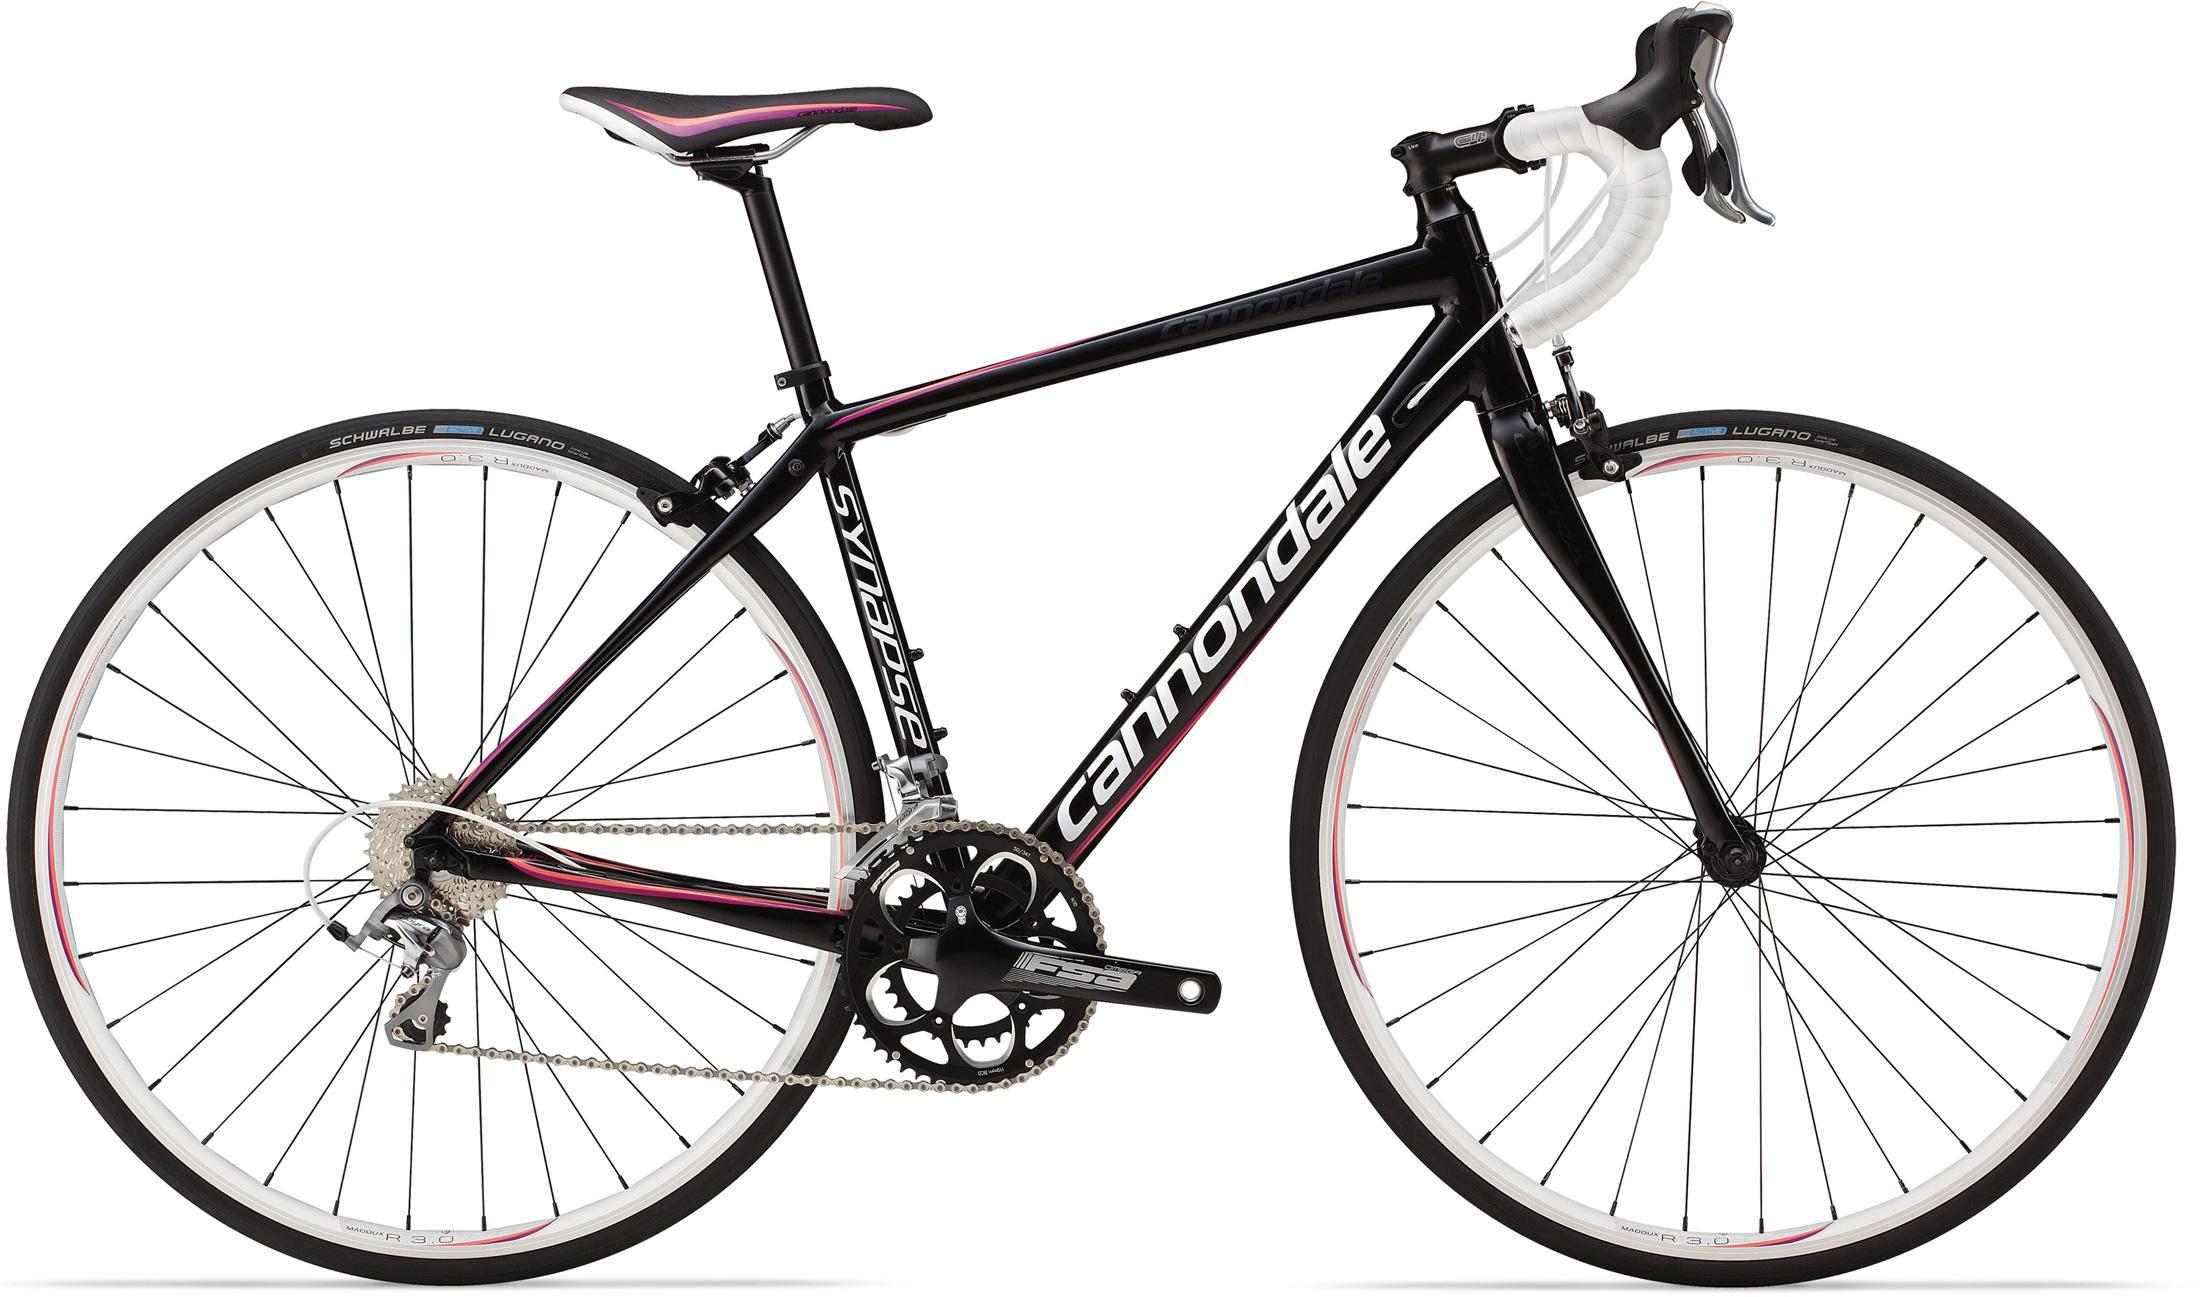 de10426a4d3 Cannondale Synapse 6 Tiagra C - Women's - Gregg's Cycles